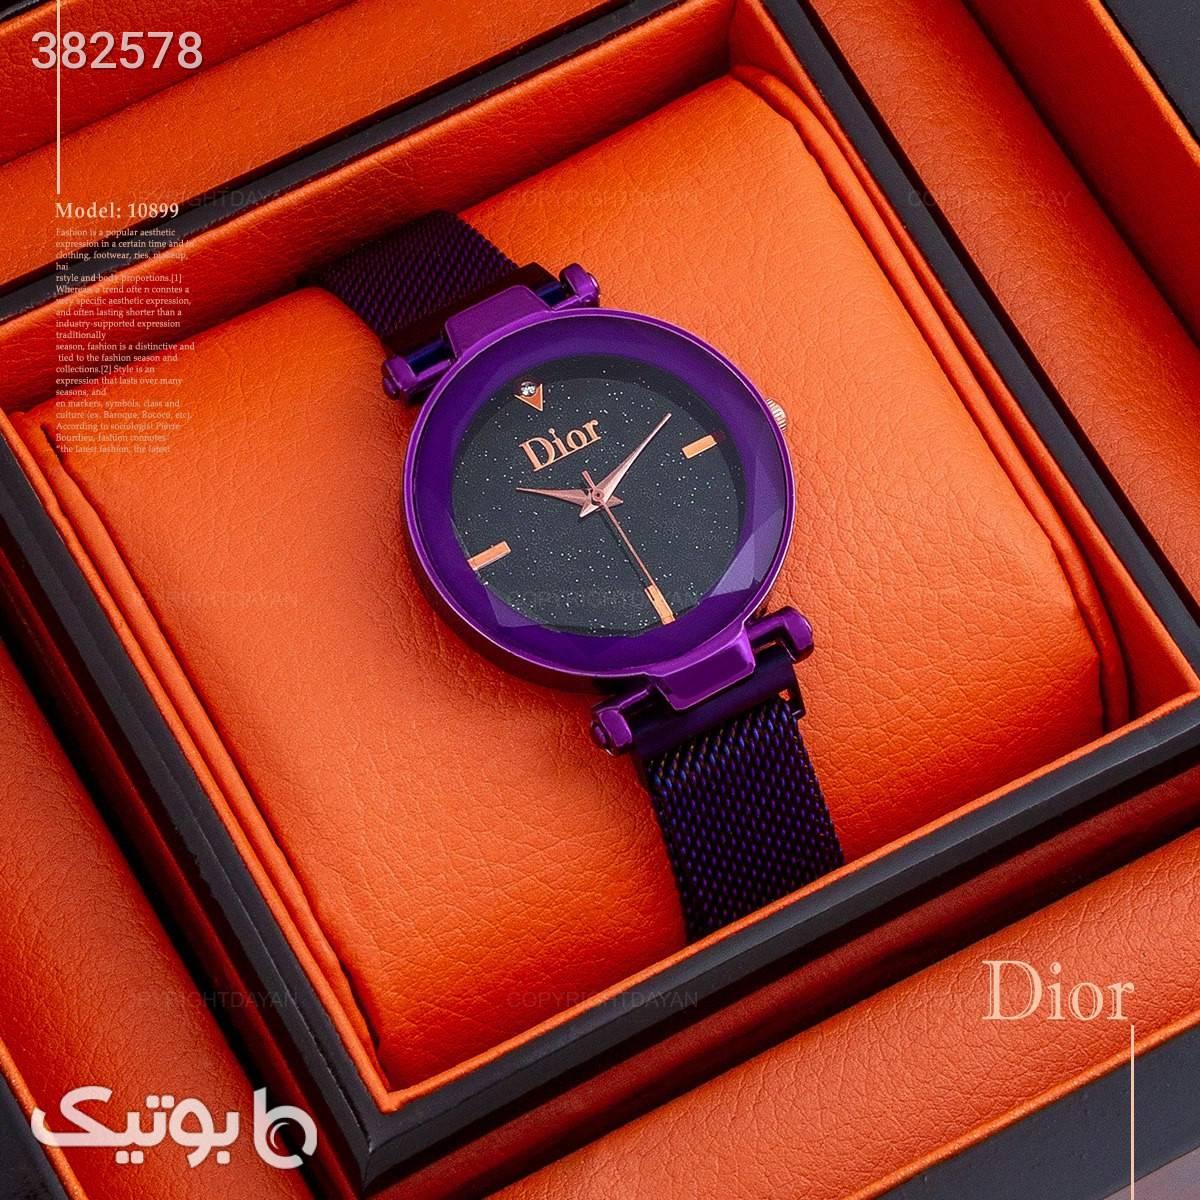 ساعت زنانه شیشه کریستال dior بنفش ساعت